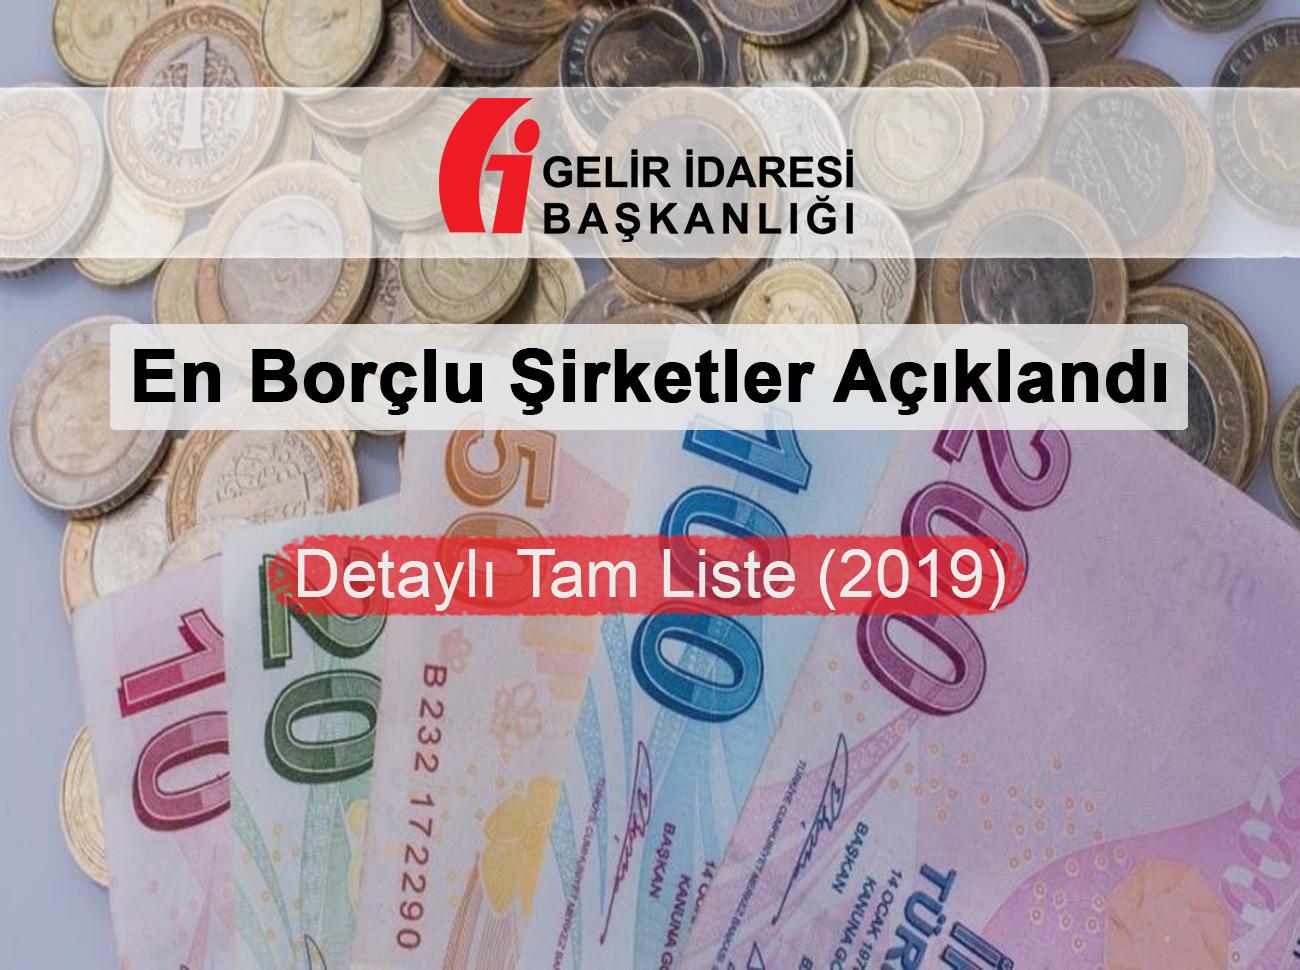 Devlete En Borçlu Şirketler Açıklandı (2019)